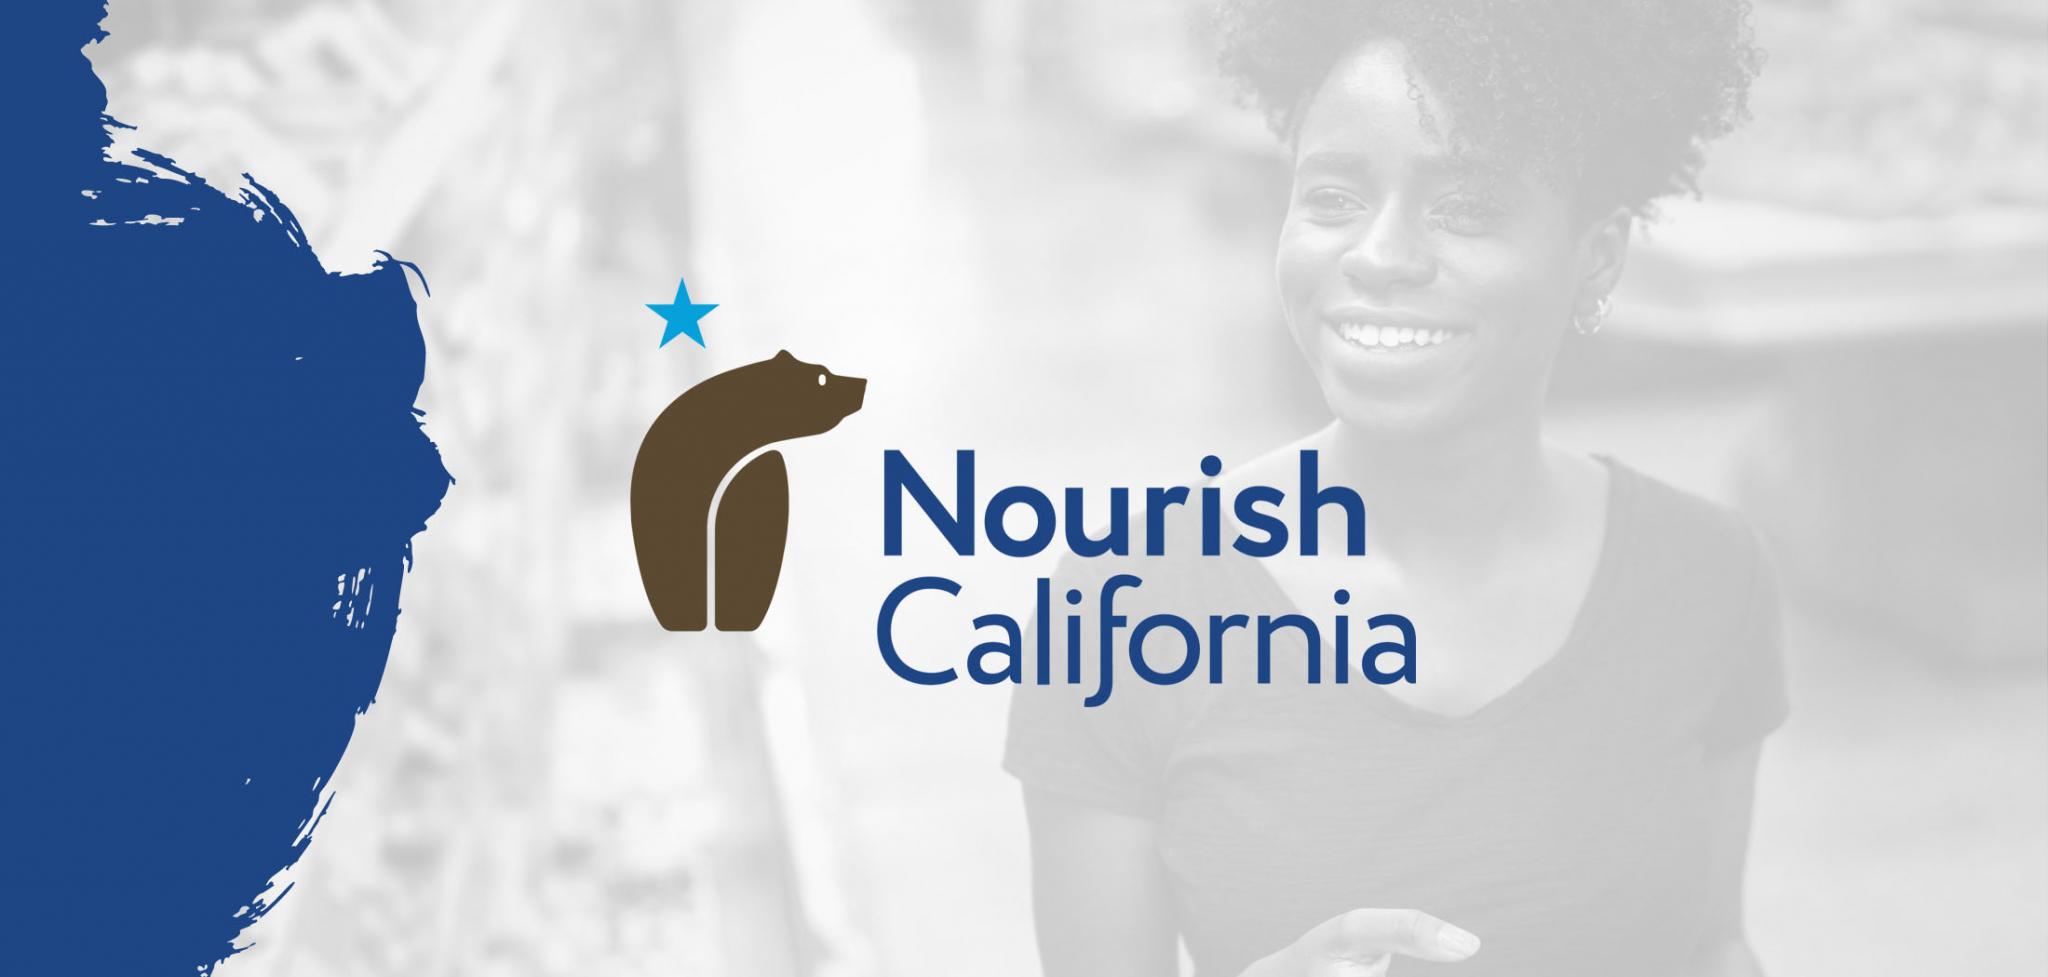 Nourish California Nonprofit Renaming Logo Design